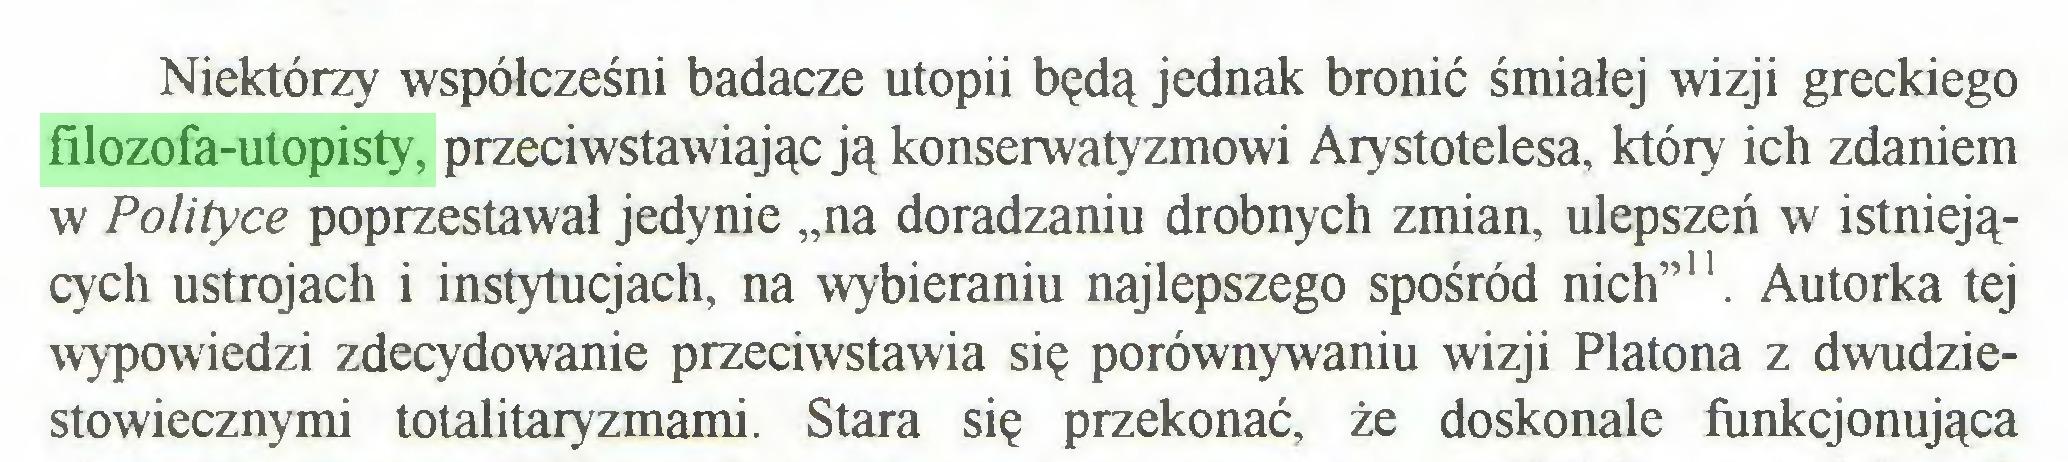 """(...) Niektórzy współcześni badacze utopii będą jednak bronić śmiałej wizji greckiego filozofa-utopisty, przeciwstawiając ją konserwatyzmowi Arystotelesa, który ich zdaniem w Polityce poprzestawał jedynie """"na doradzaniu drobnych zmian, ulepszeń w istniejących ustrojach i instytucjach, na wybieraniu najlepszego spośród nich""""11. Autorka tej wypowiedzi zdecydowanie przeciwstawia się porównywaniu wizji Platona z dwudziestowiecznymi totalitaryzmami. Stara się przekonać, że doskonale funkcjonująca..."""